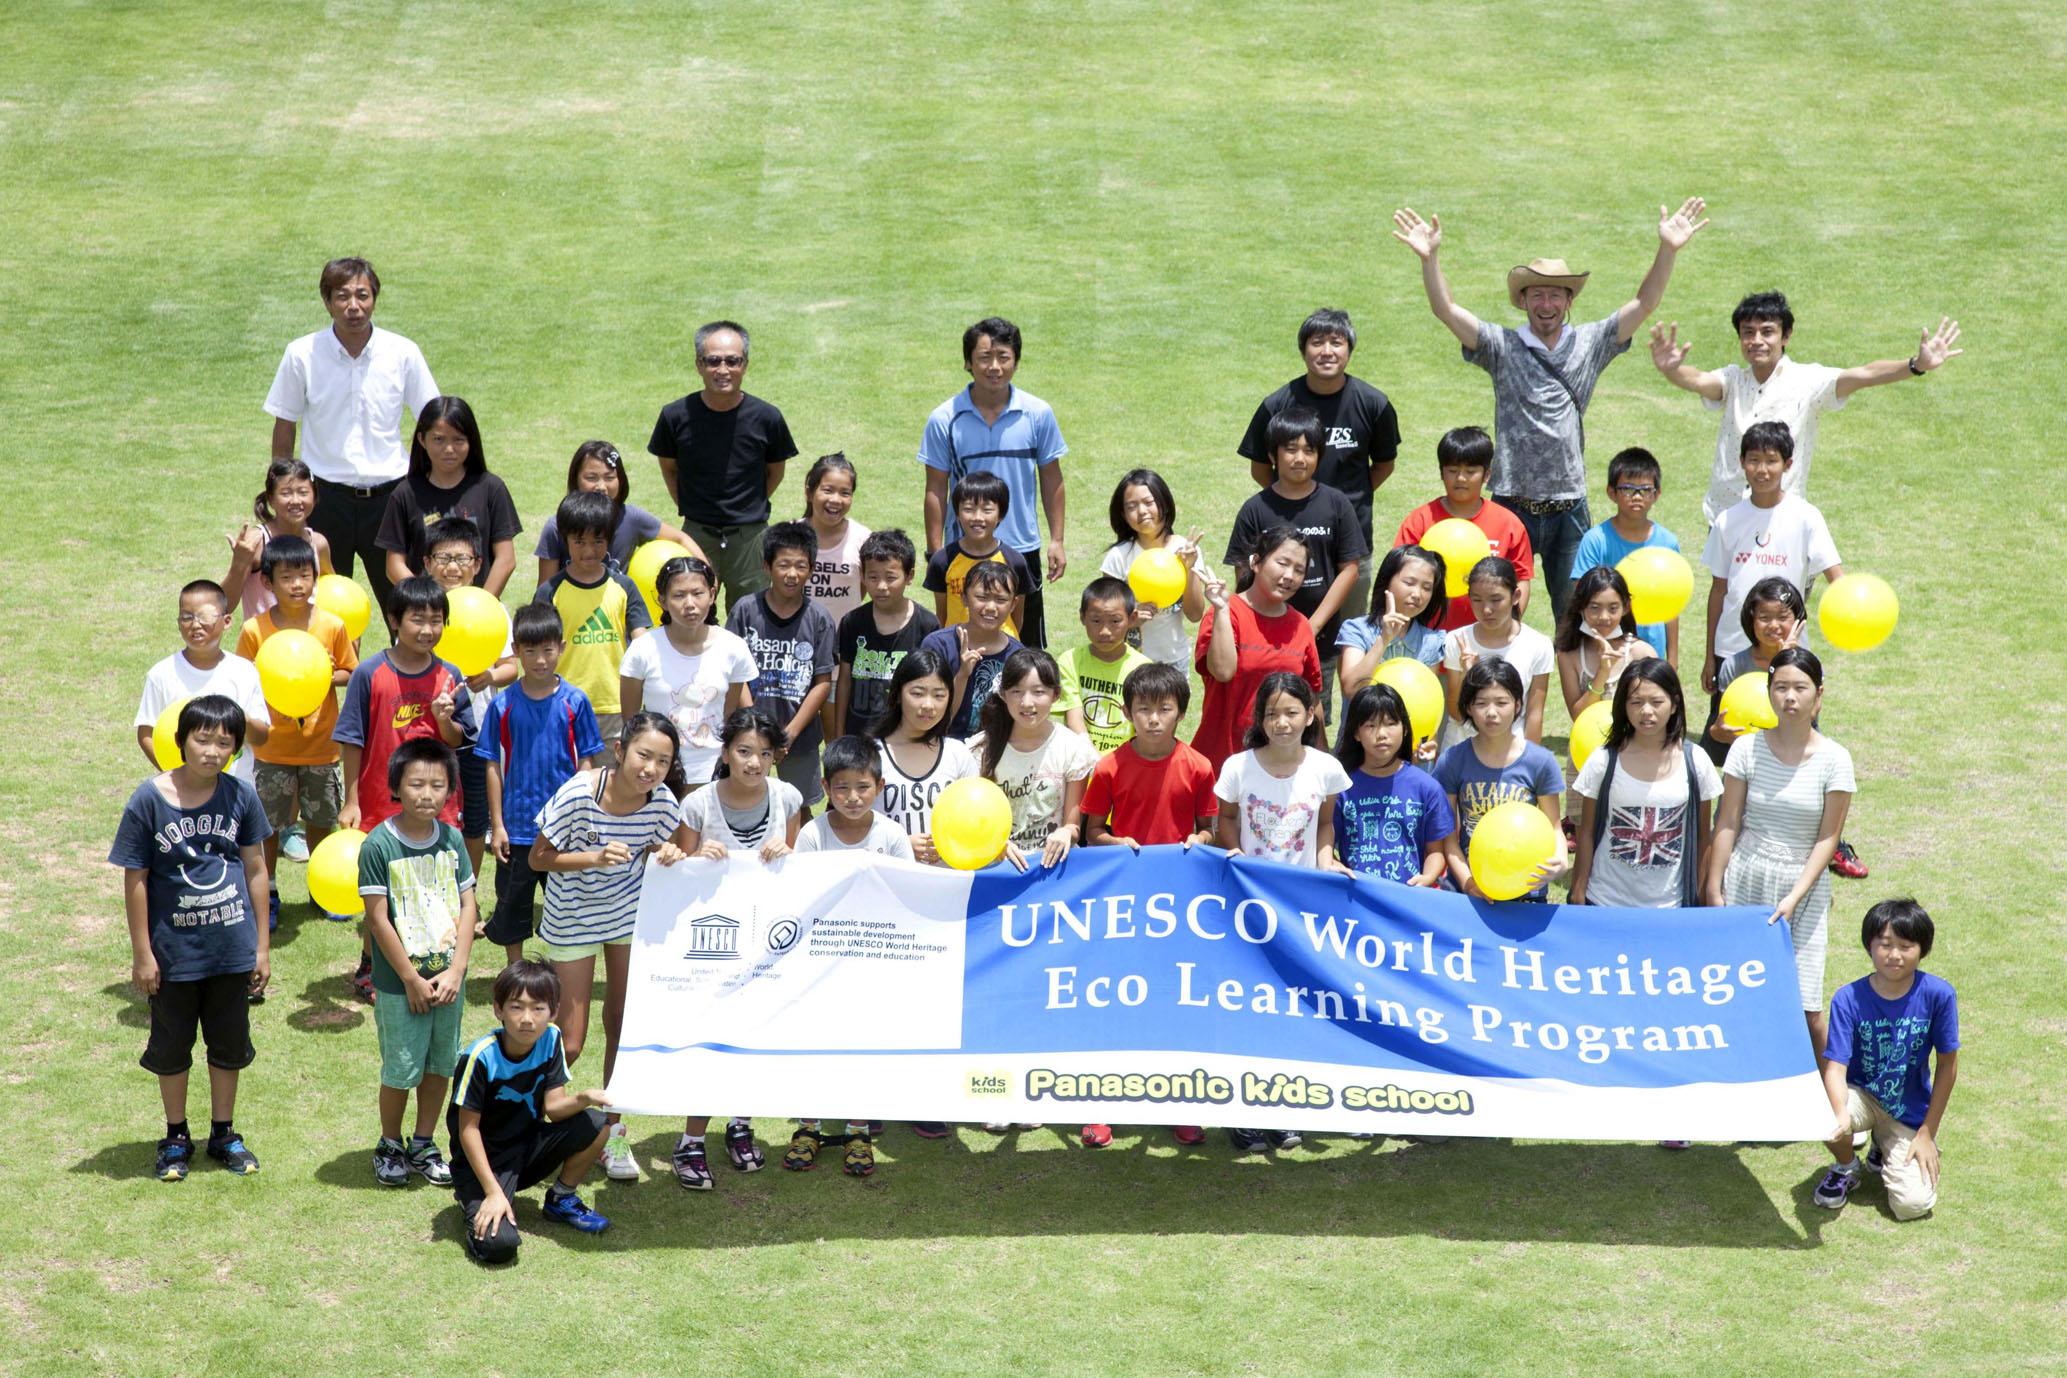 小笠原での世界遺産エコラーニングプログラム参加メンバー